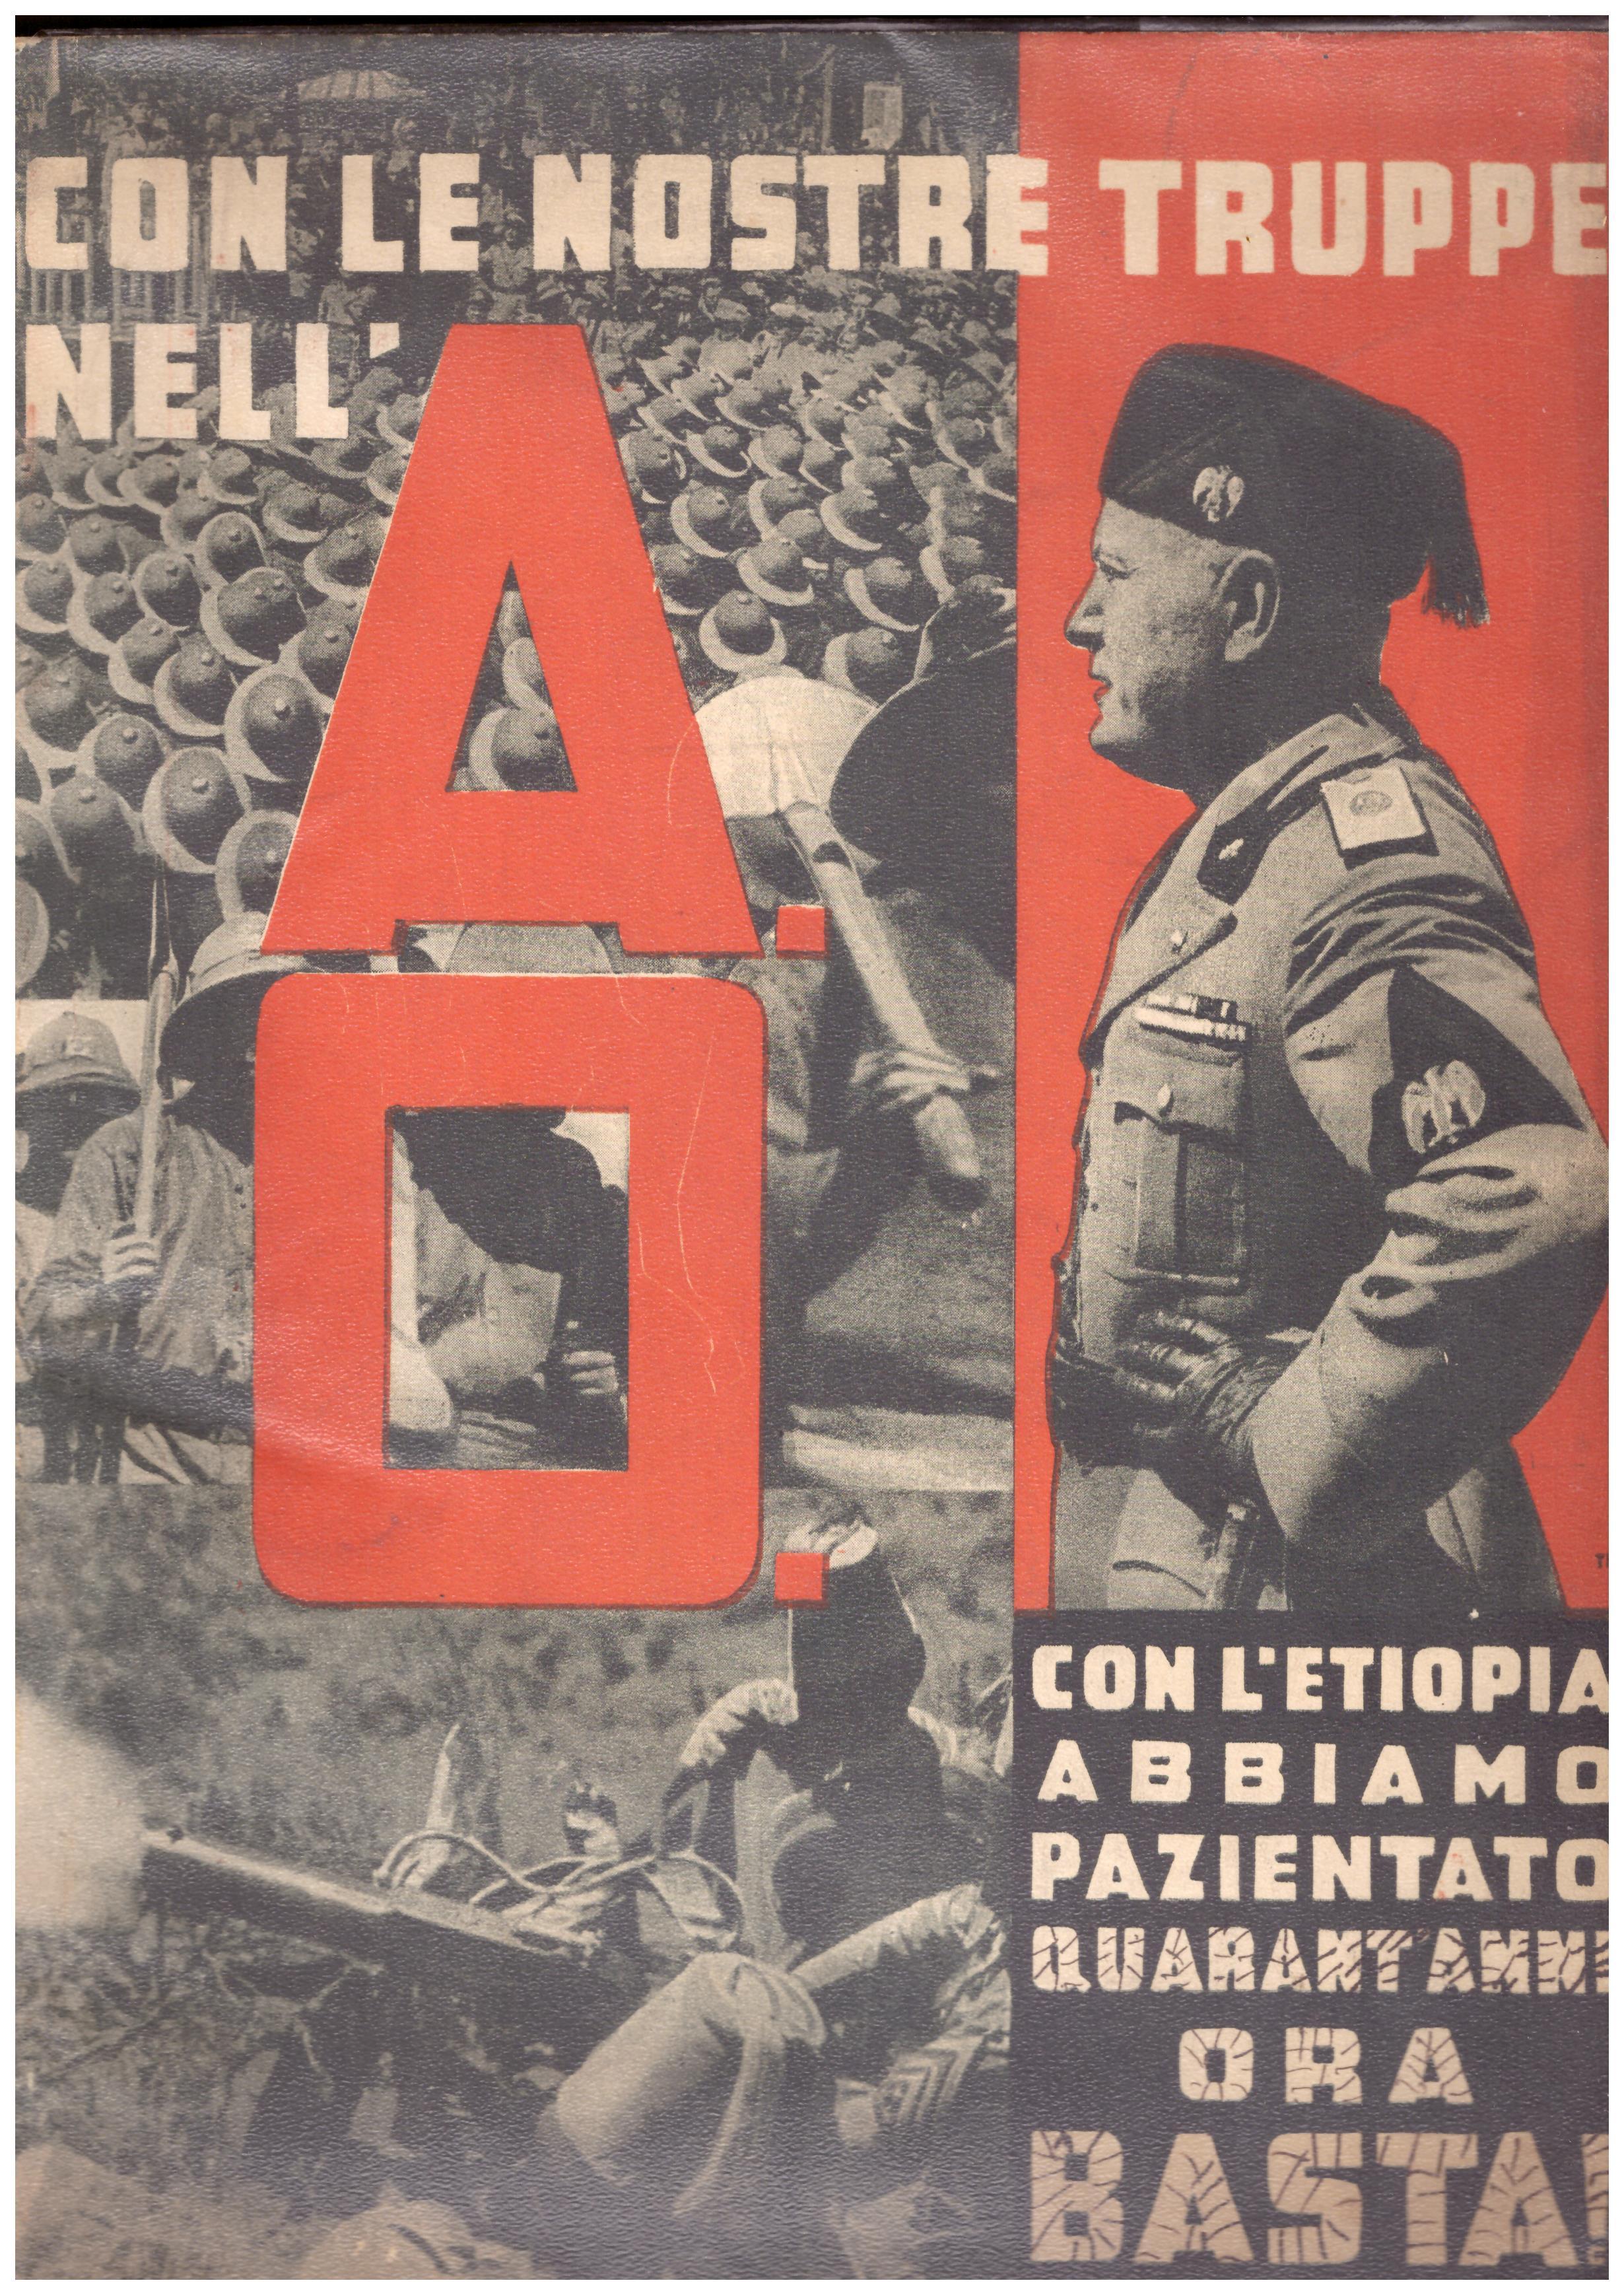 Titolo: Con le nostre truppe nell'A.O. Autore: AA.VV.  Editore: casa editrice fratelli Palombi, Roma 1936